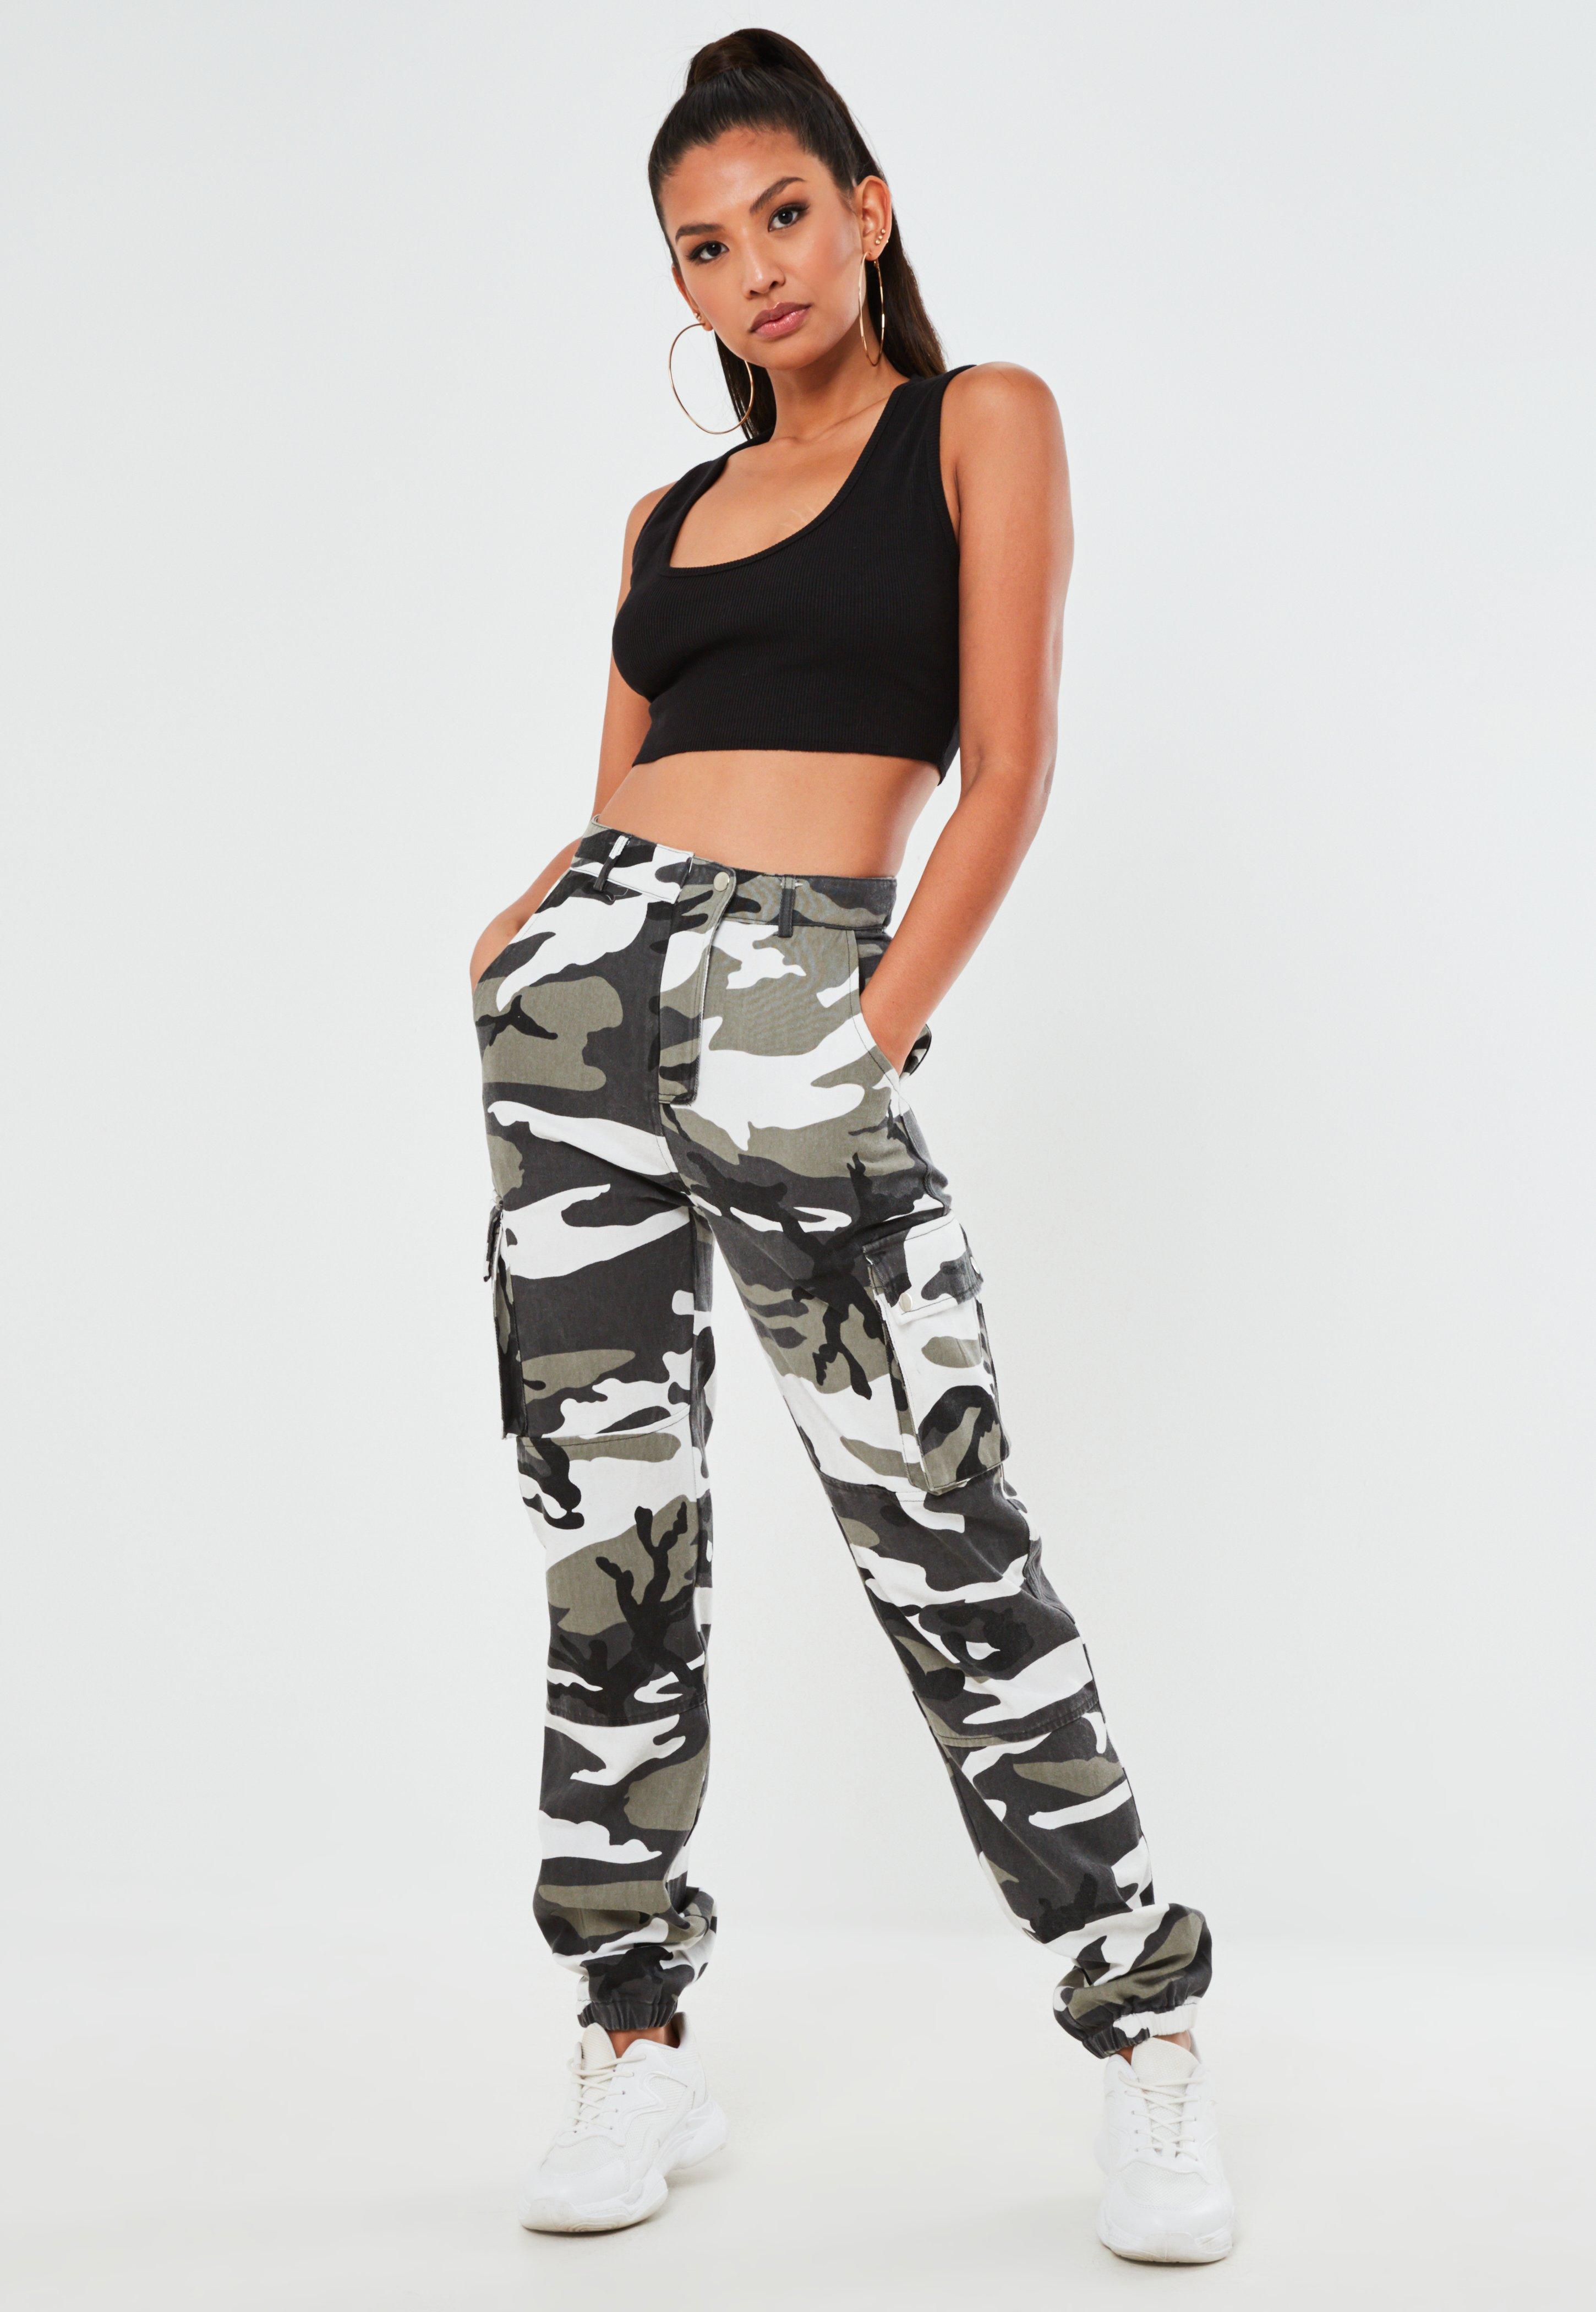 profiter de prix bas Style magnifique nouveau style de vie Premium Gray Camo Printed Cargo Pants